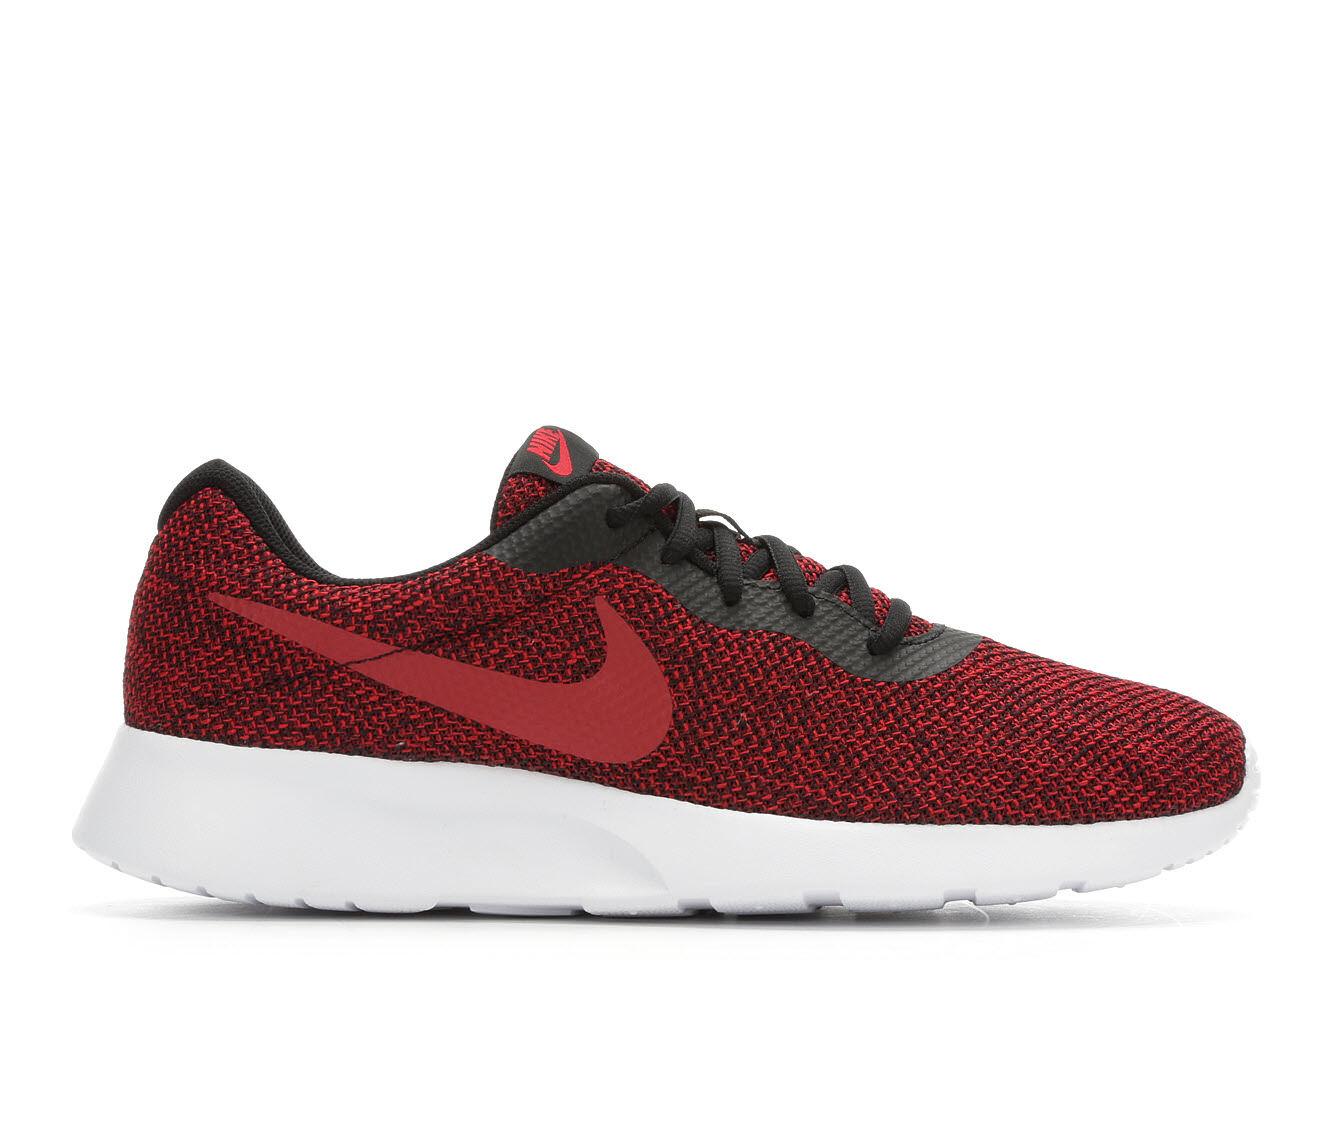 low cost 4d28b 23ffb ... get mens nike tanjun se sneakers shoe carnival 54df8 48018